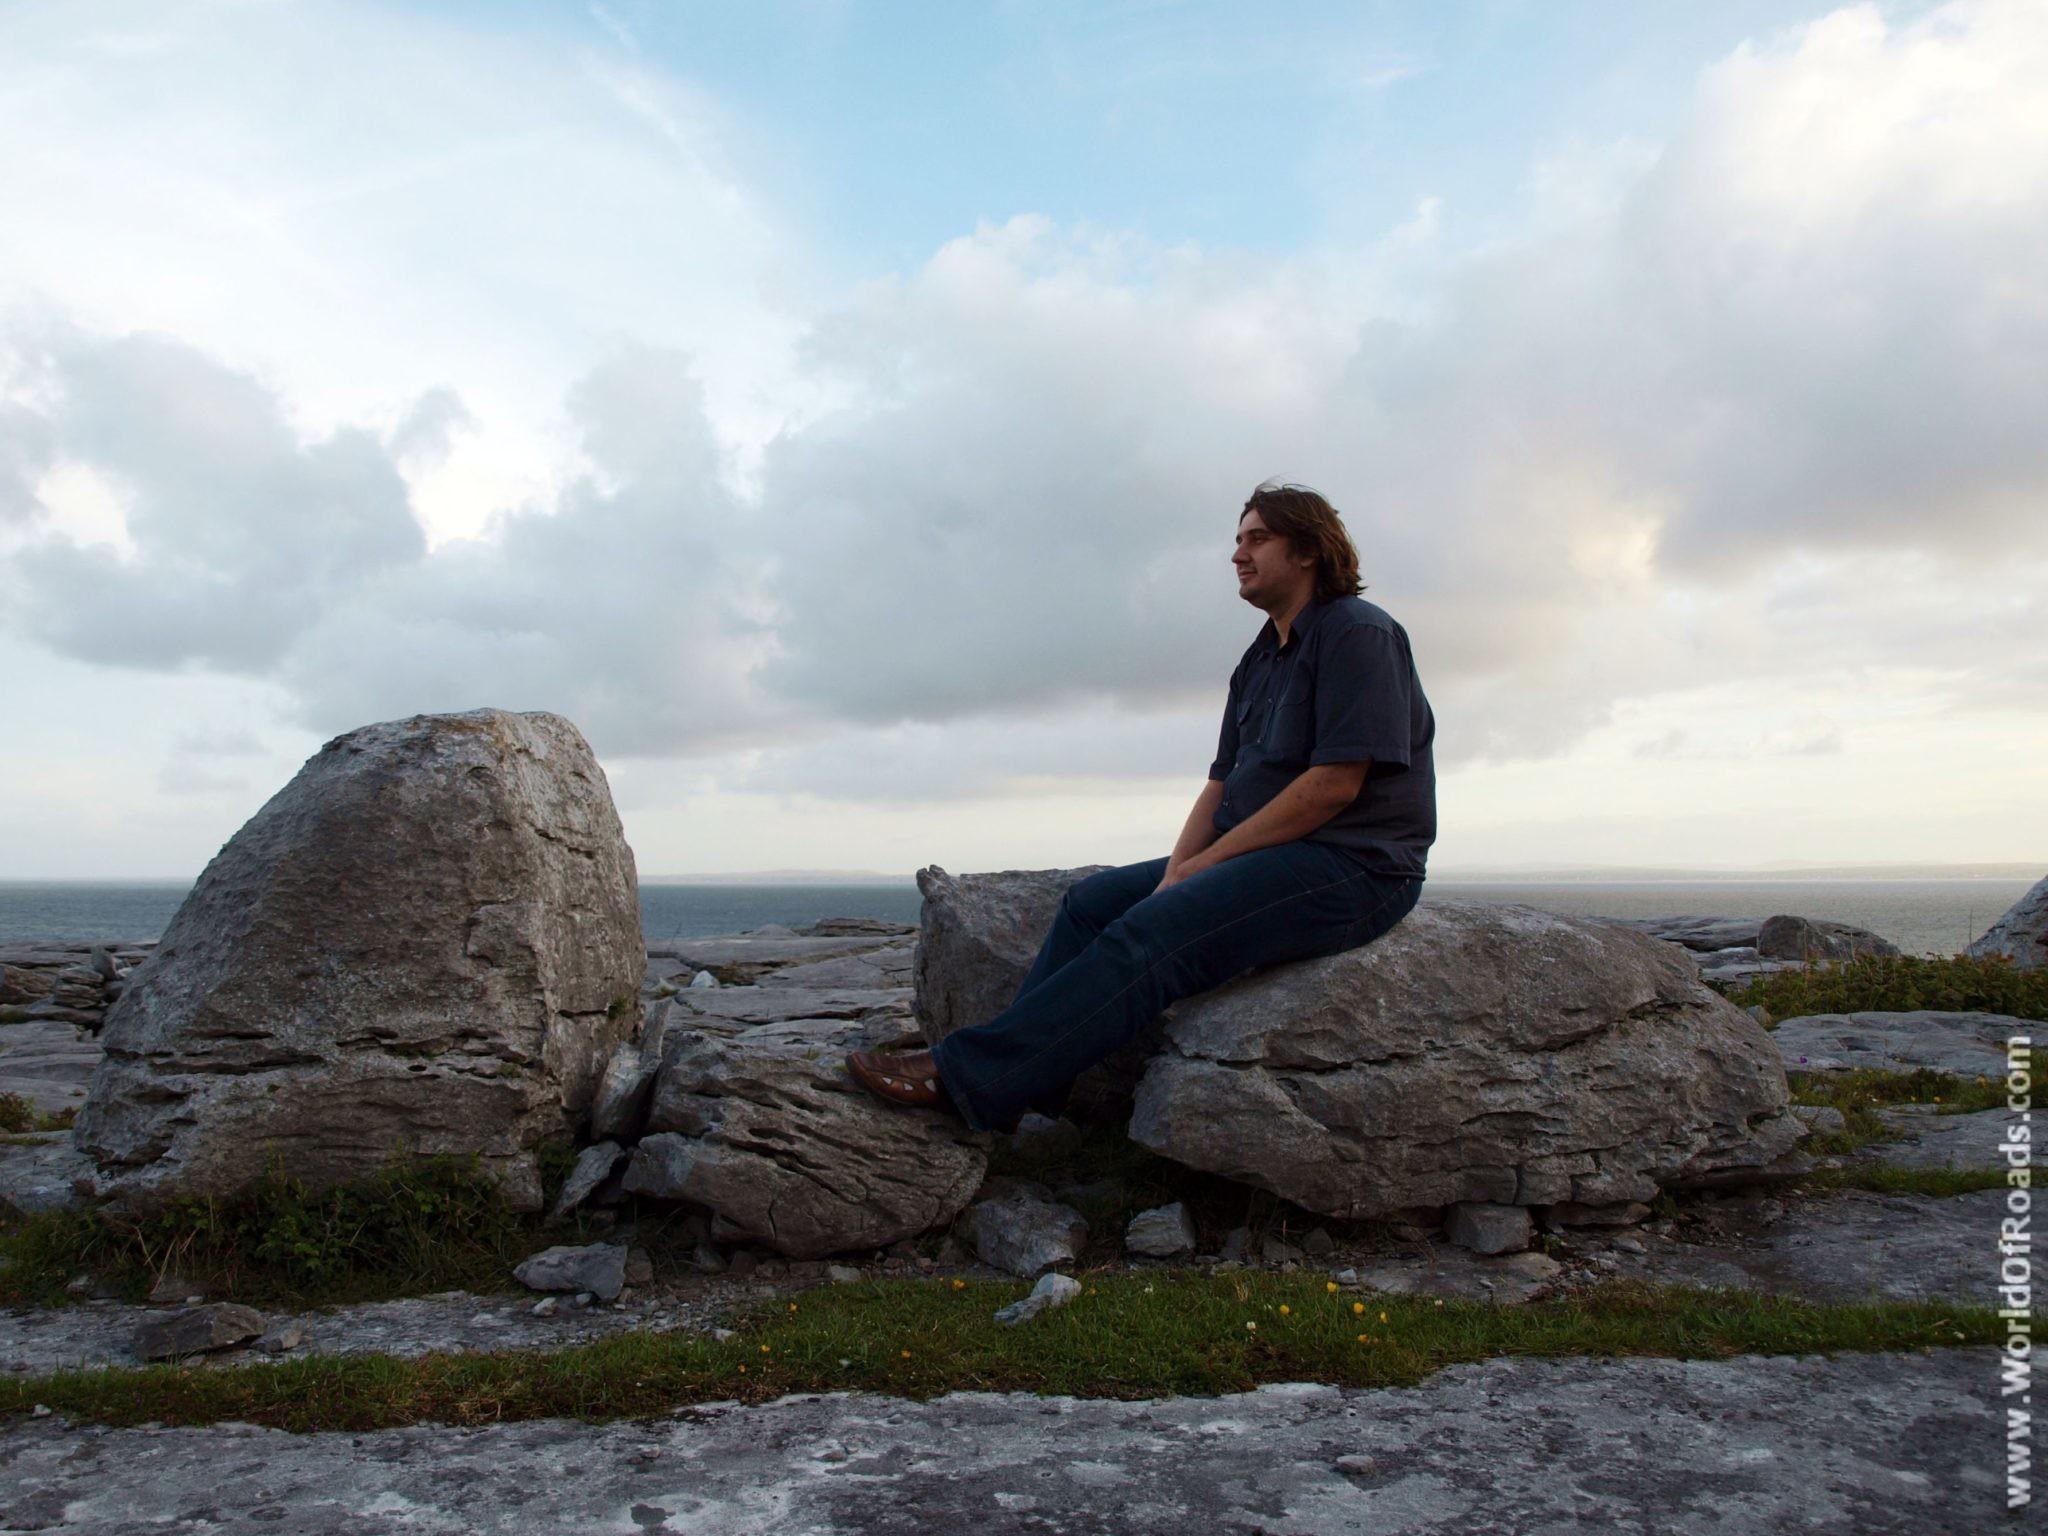 Сидя на камне. Природа. Ирландия.